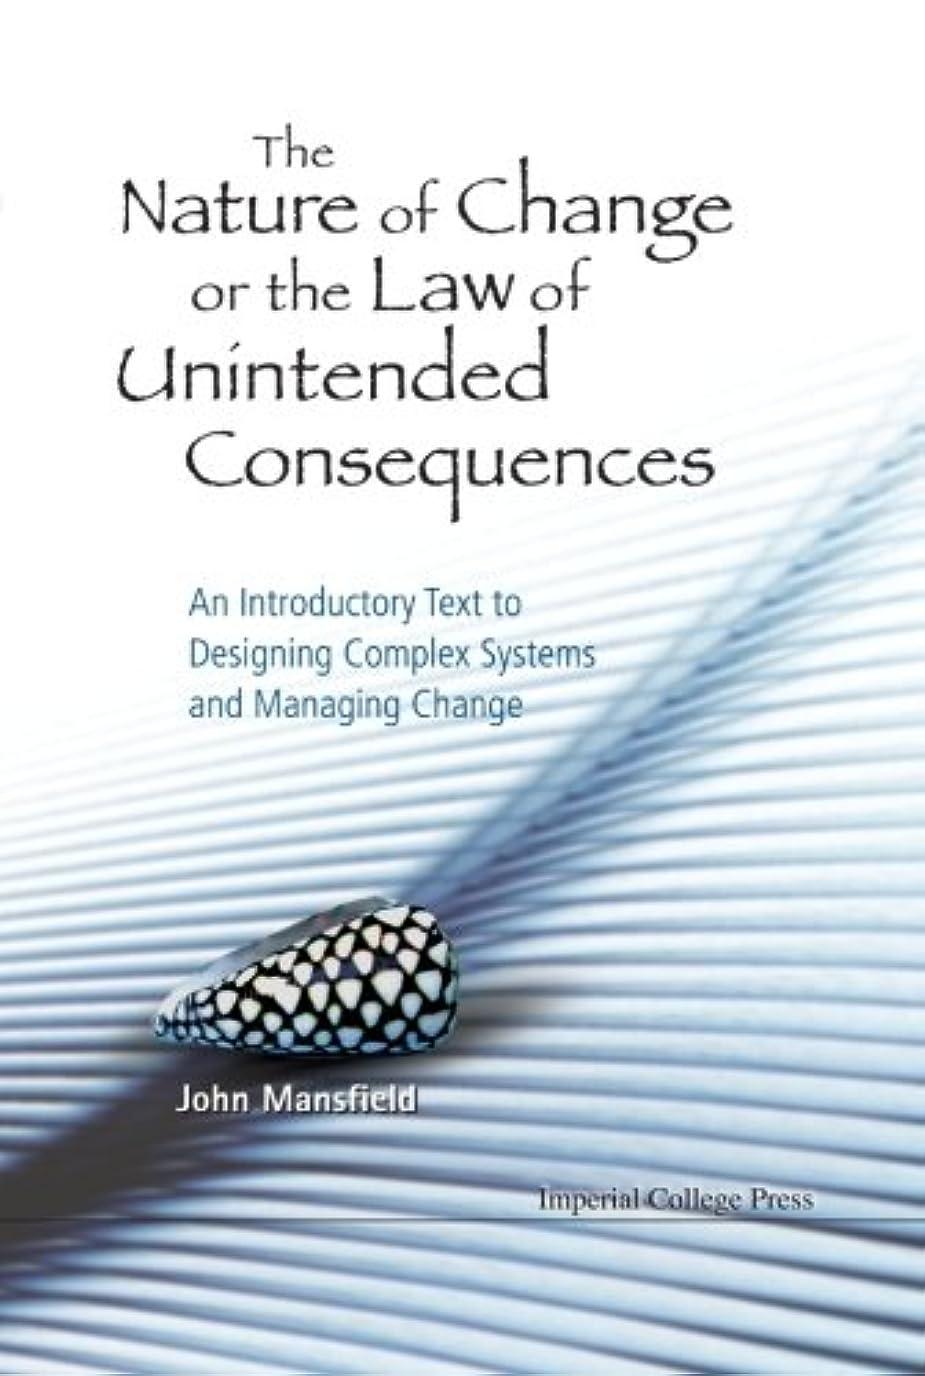 検査官生き残りますイサカThe Nature of Change or the Law of Unintended Consequences: An Introductory Text to Designing Complex Systems and Managing Change